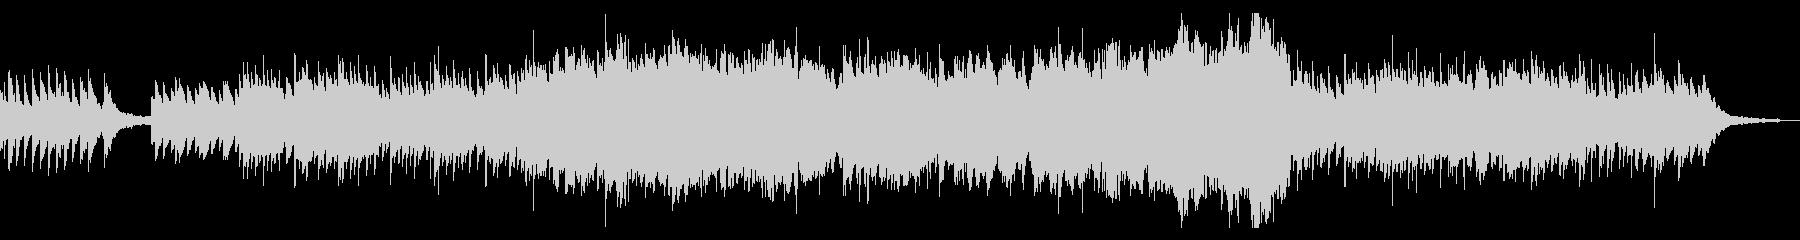 ピアノとオーケストラの感動的バラードの未再生の波形